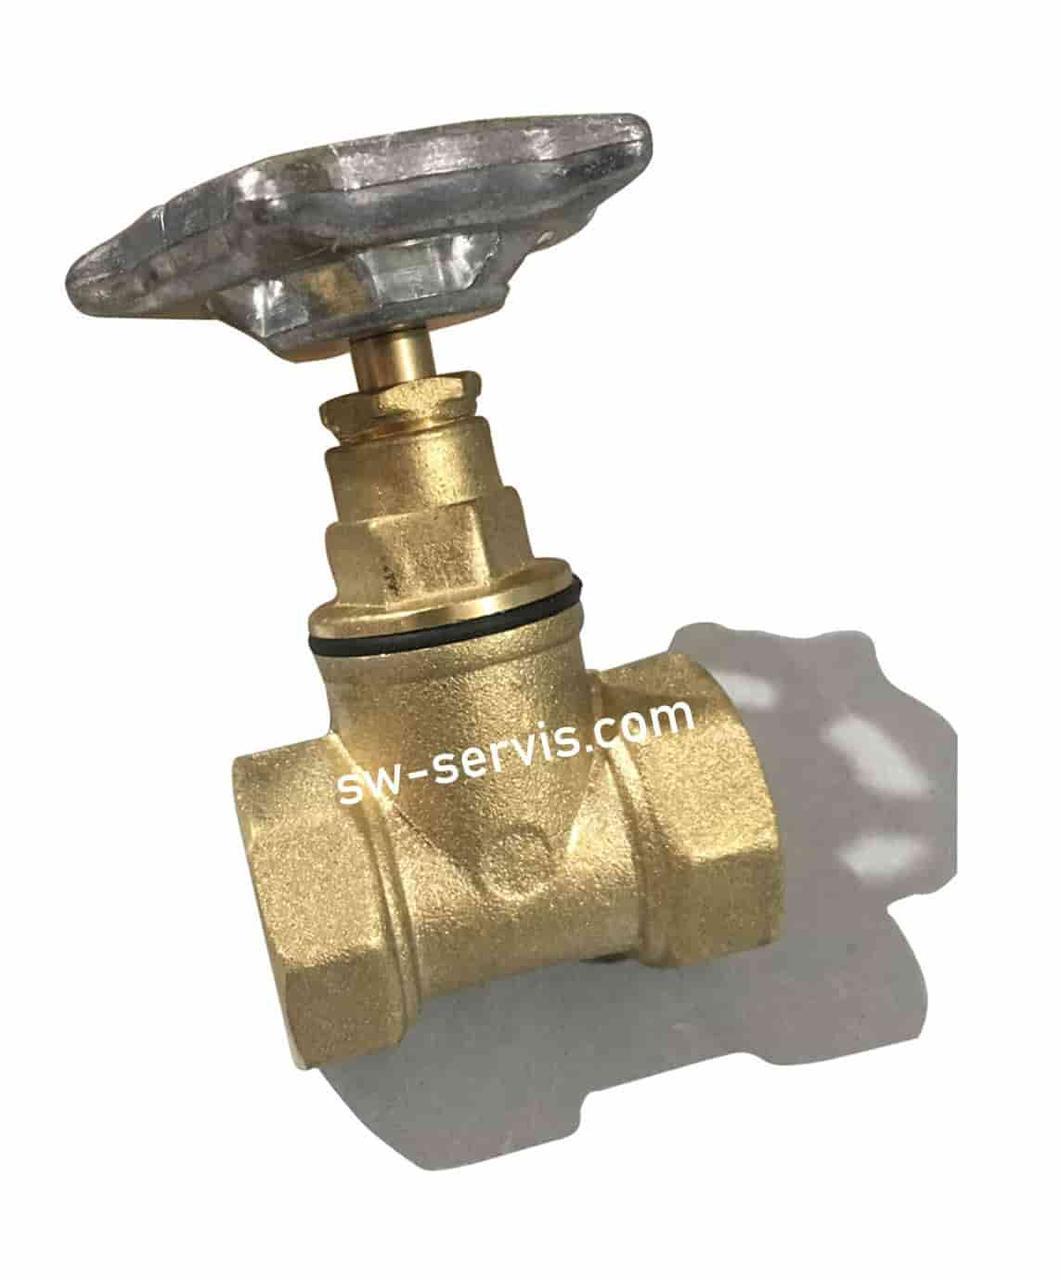 Латунний запірний клапан 50 мм посилений